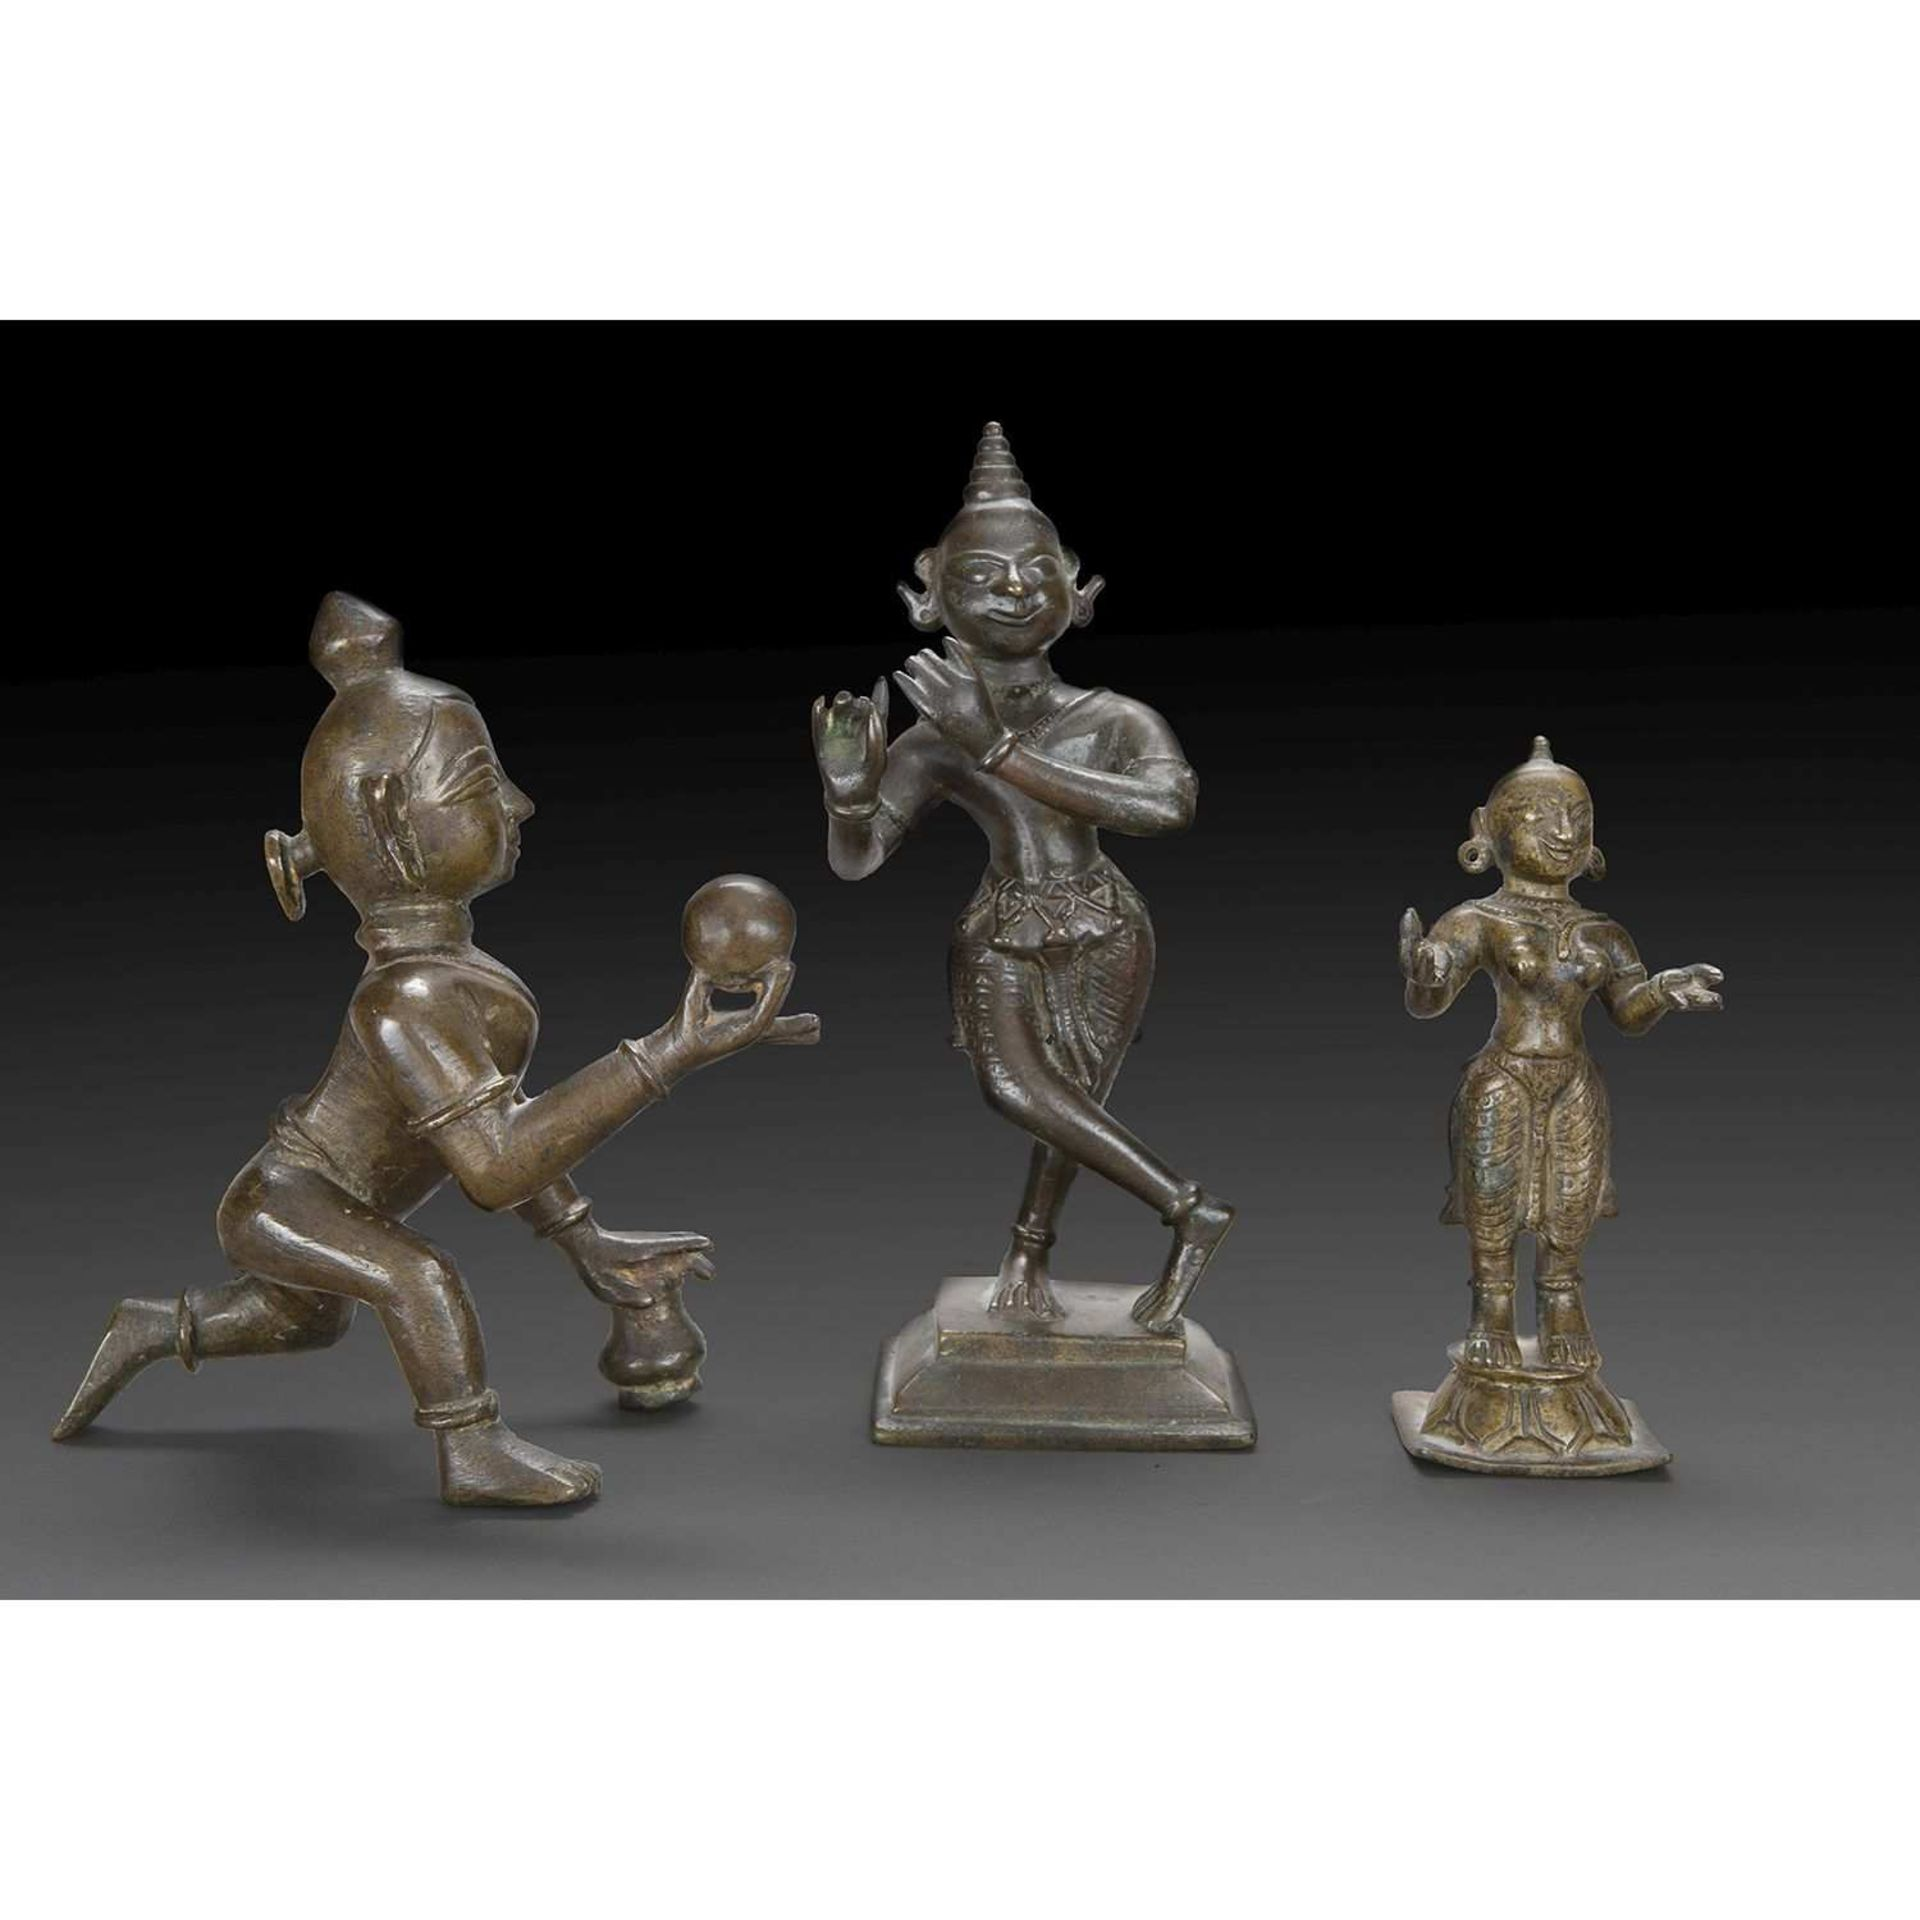 LOT DE TROIS STATUETTES en bronze de patine brune, deux représentant Krishna, jouant de la flûte